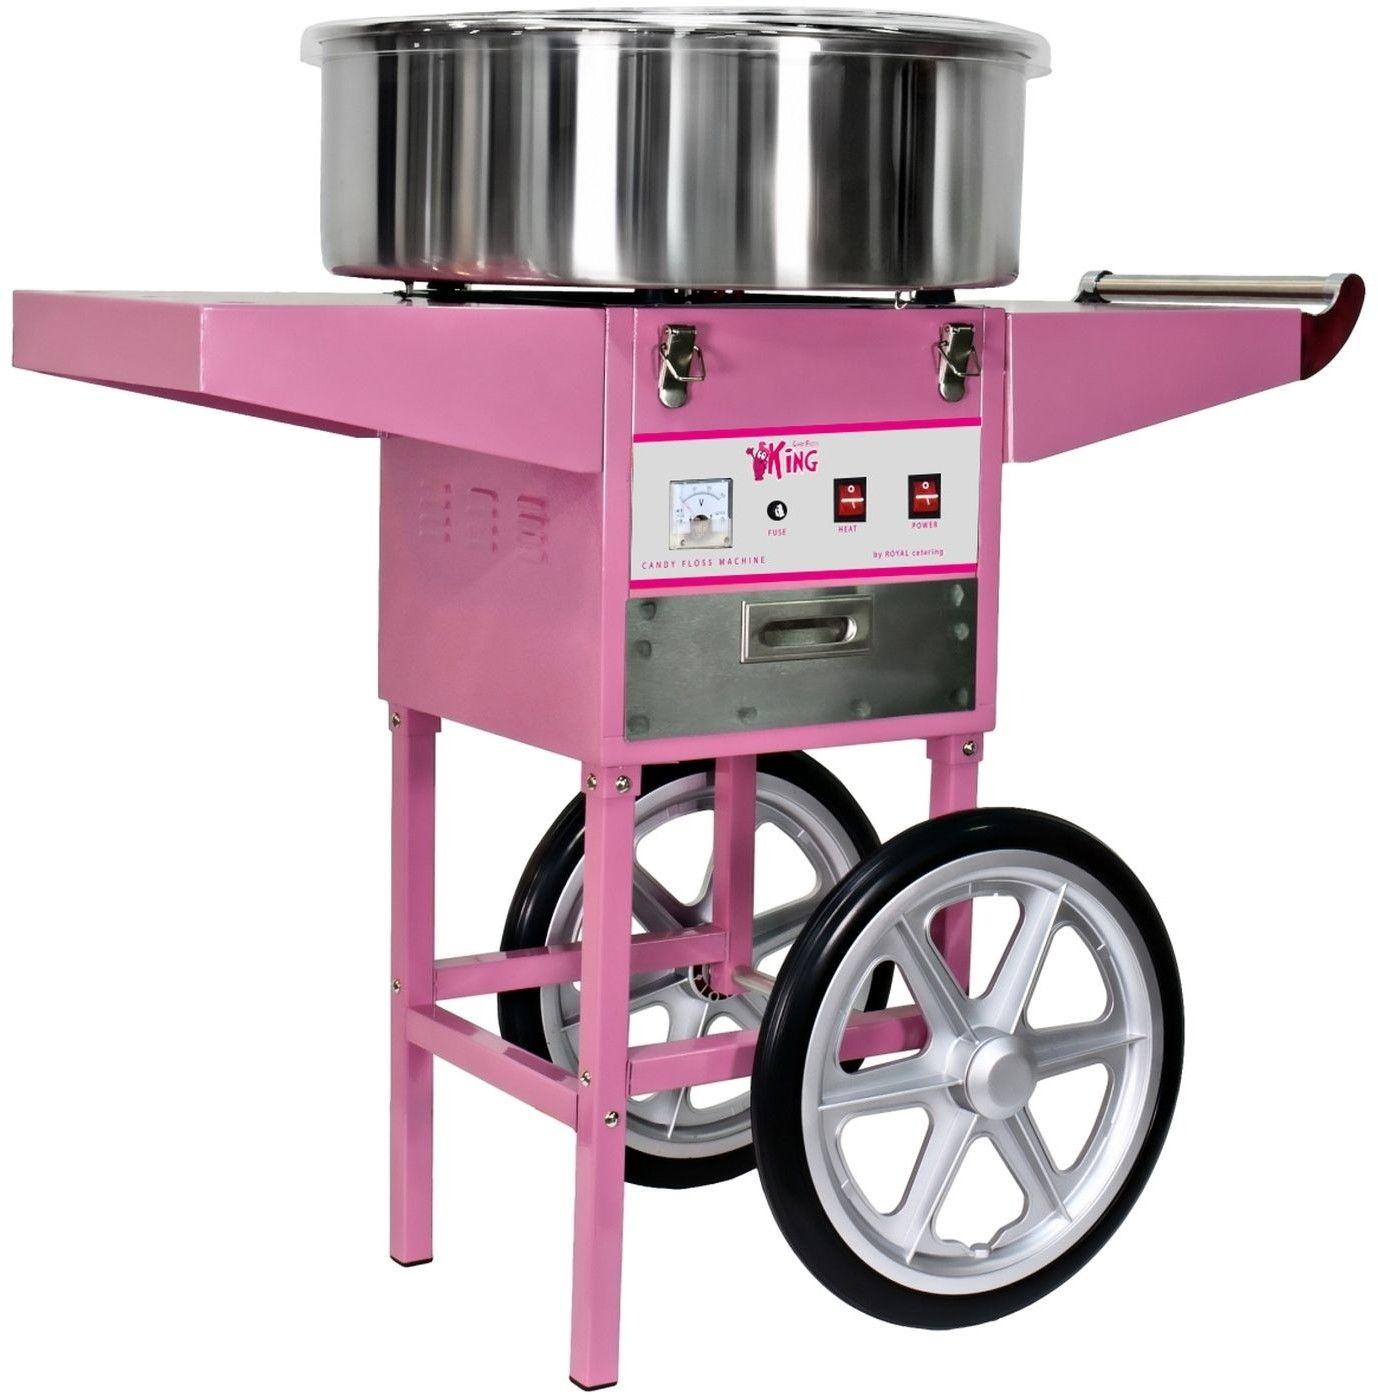 Maszyna do waty cukrowej Royal Catering RCZC-1200-W - RCZC-1200-W - 3 LATA GWARANCJI / WYSYŁKA W 24H ZA 0 ZŁ!